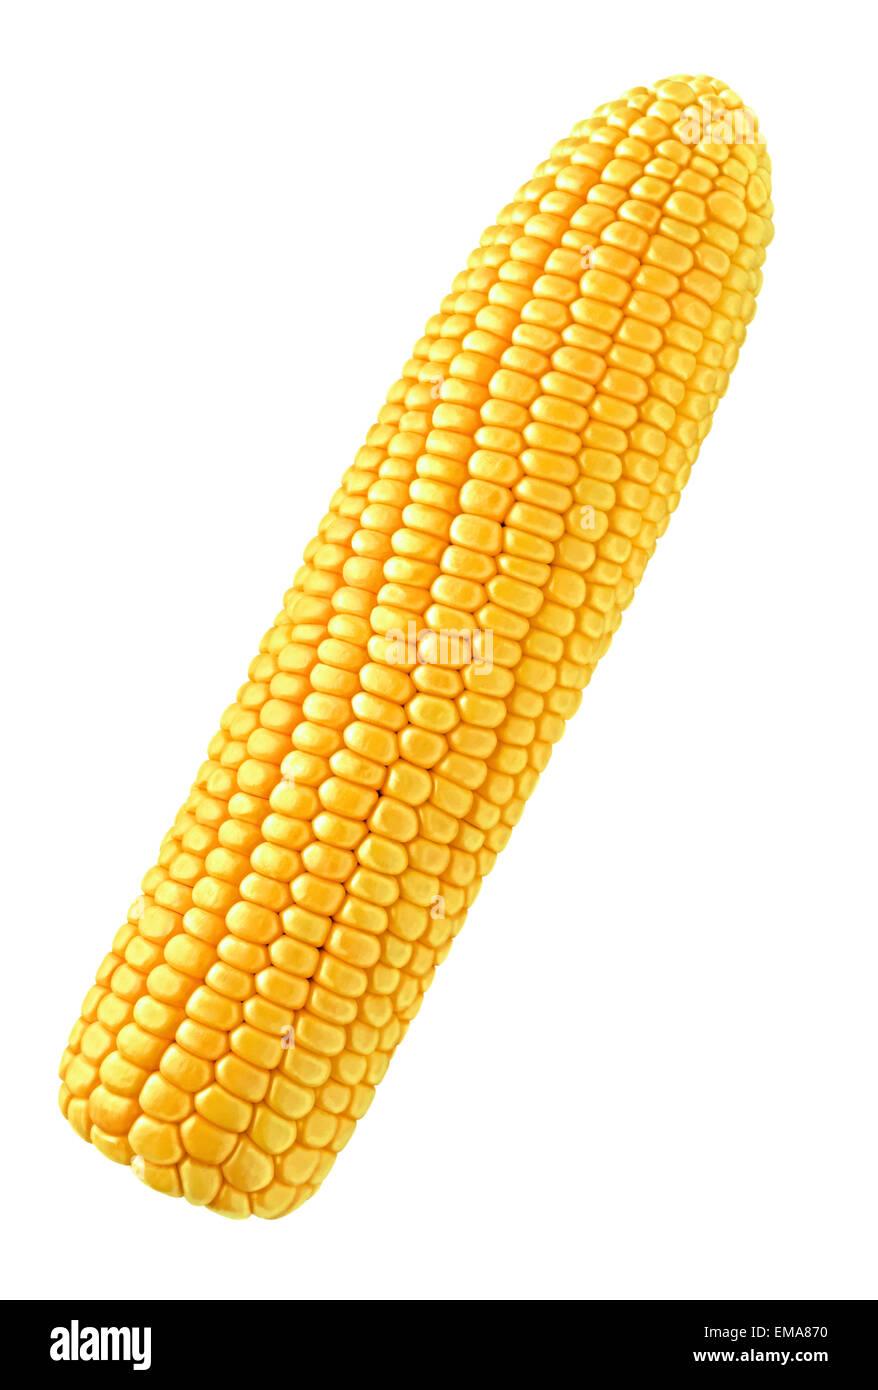 Single corn isolated on white background - Stock Image